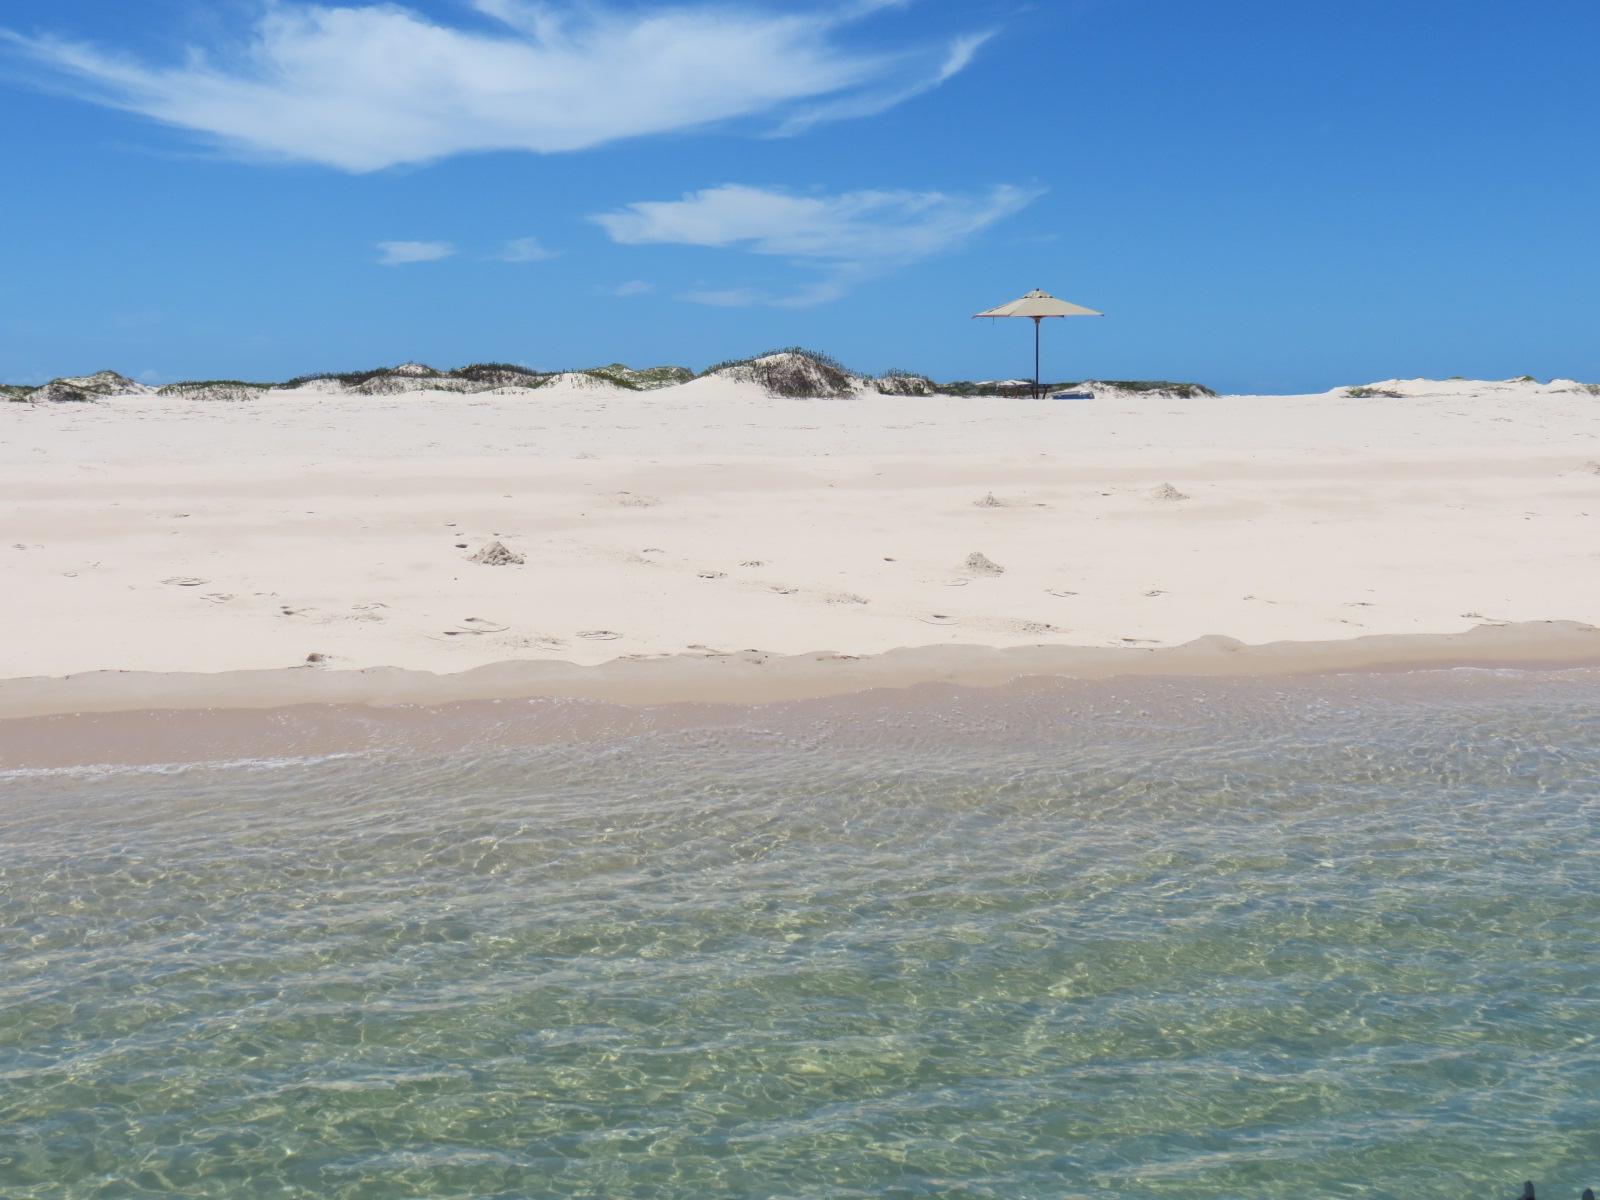 Praia do arquipélago de Bazruto: a perfeição